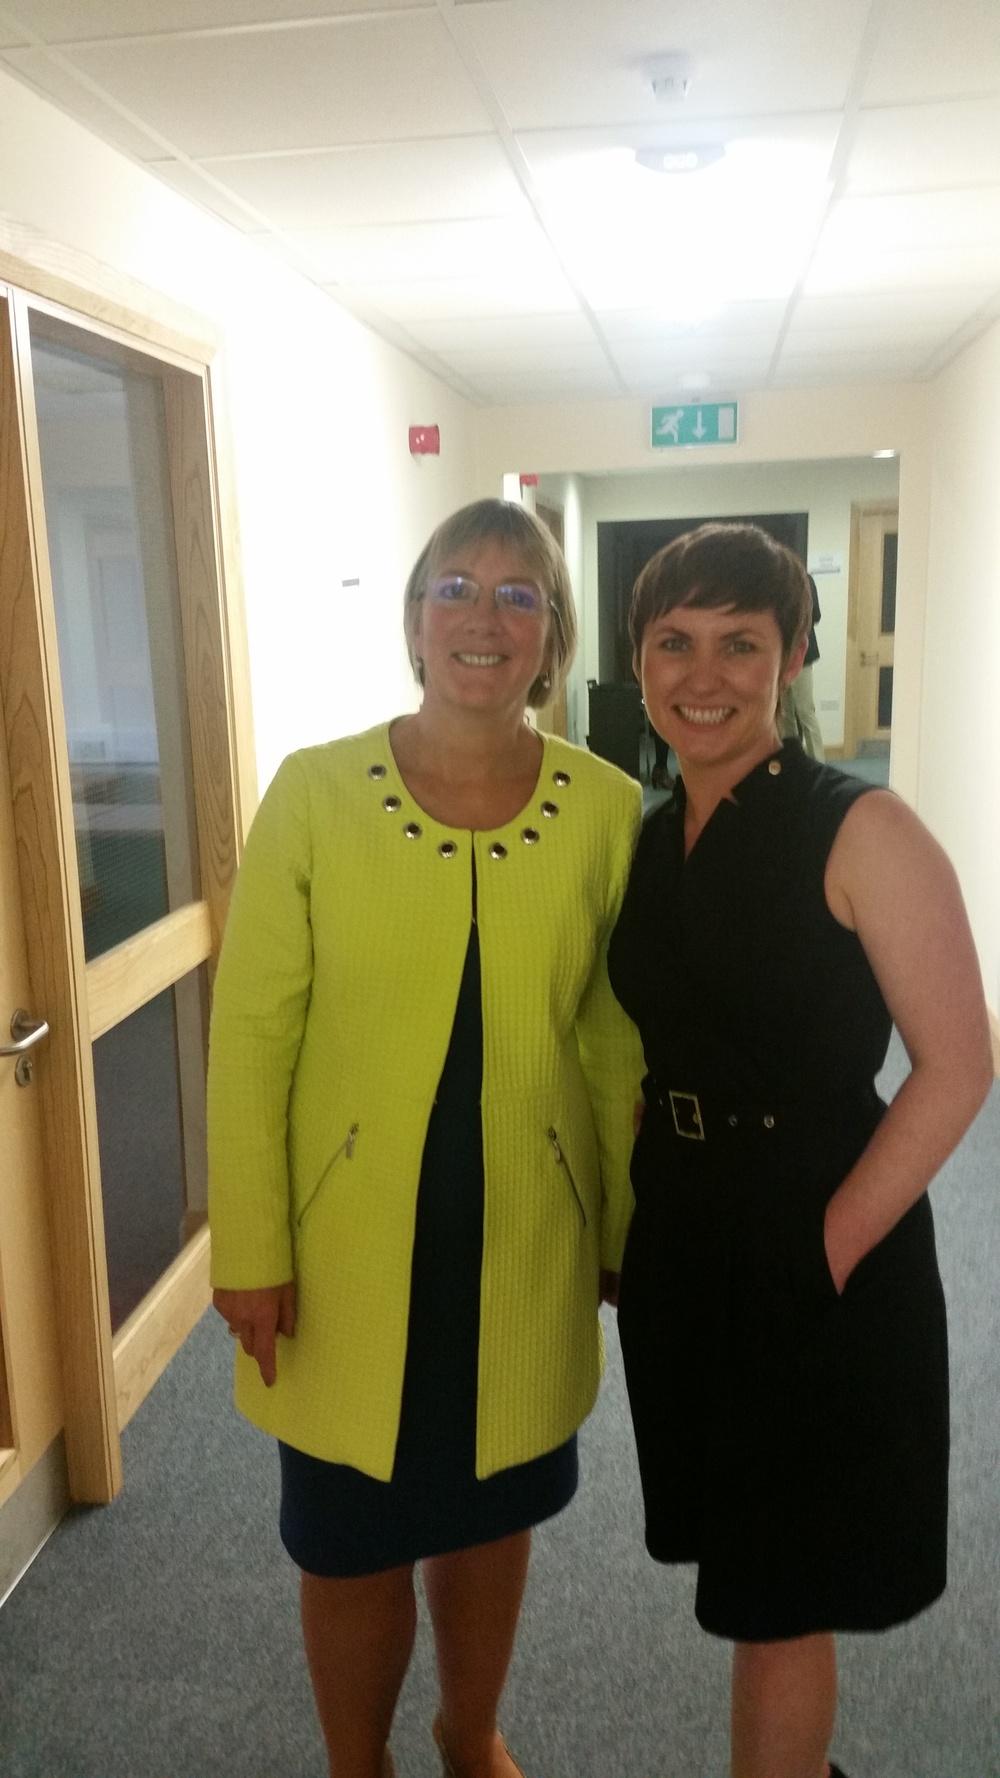 Julie Sinnamon CEO Enterprise Ireland & Moira Ní Ghallachóir CEO & founder of mng